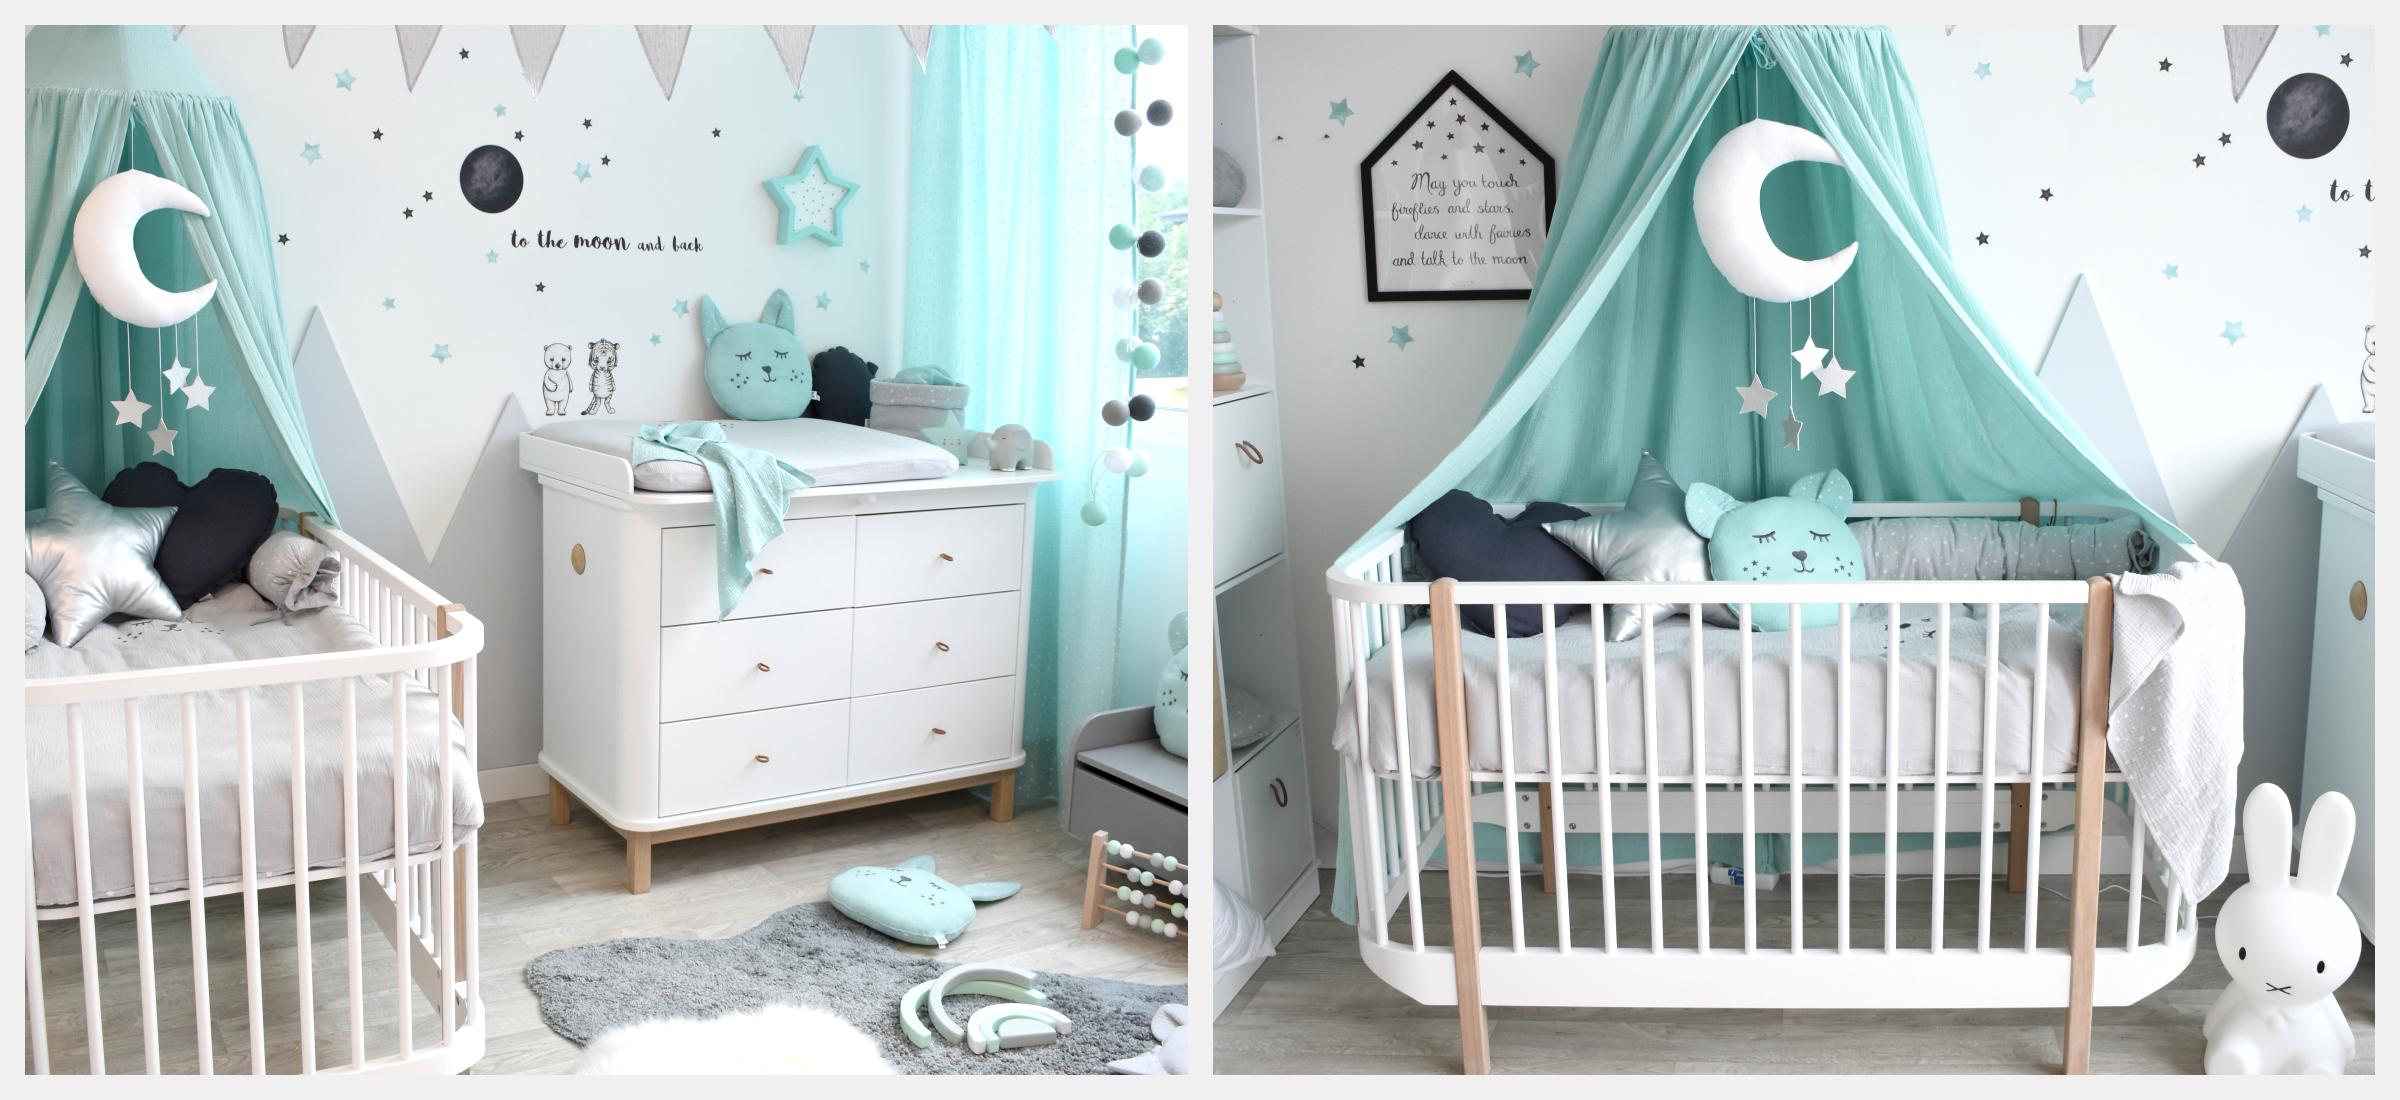 Babyzimmer Mit Bergen In Mint Grau Bei Fantasyroom Online Kaufen